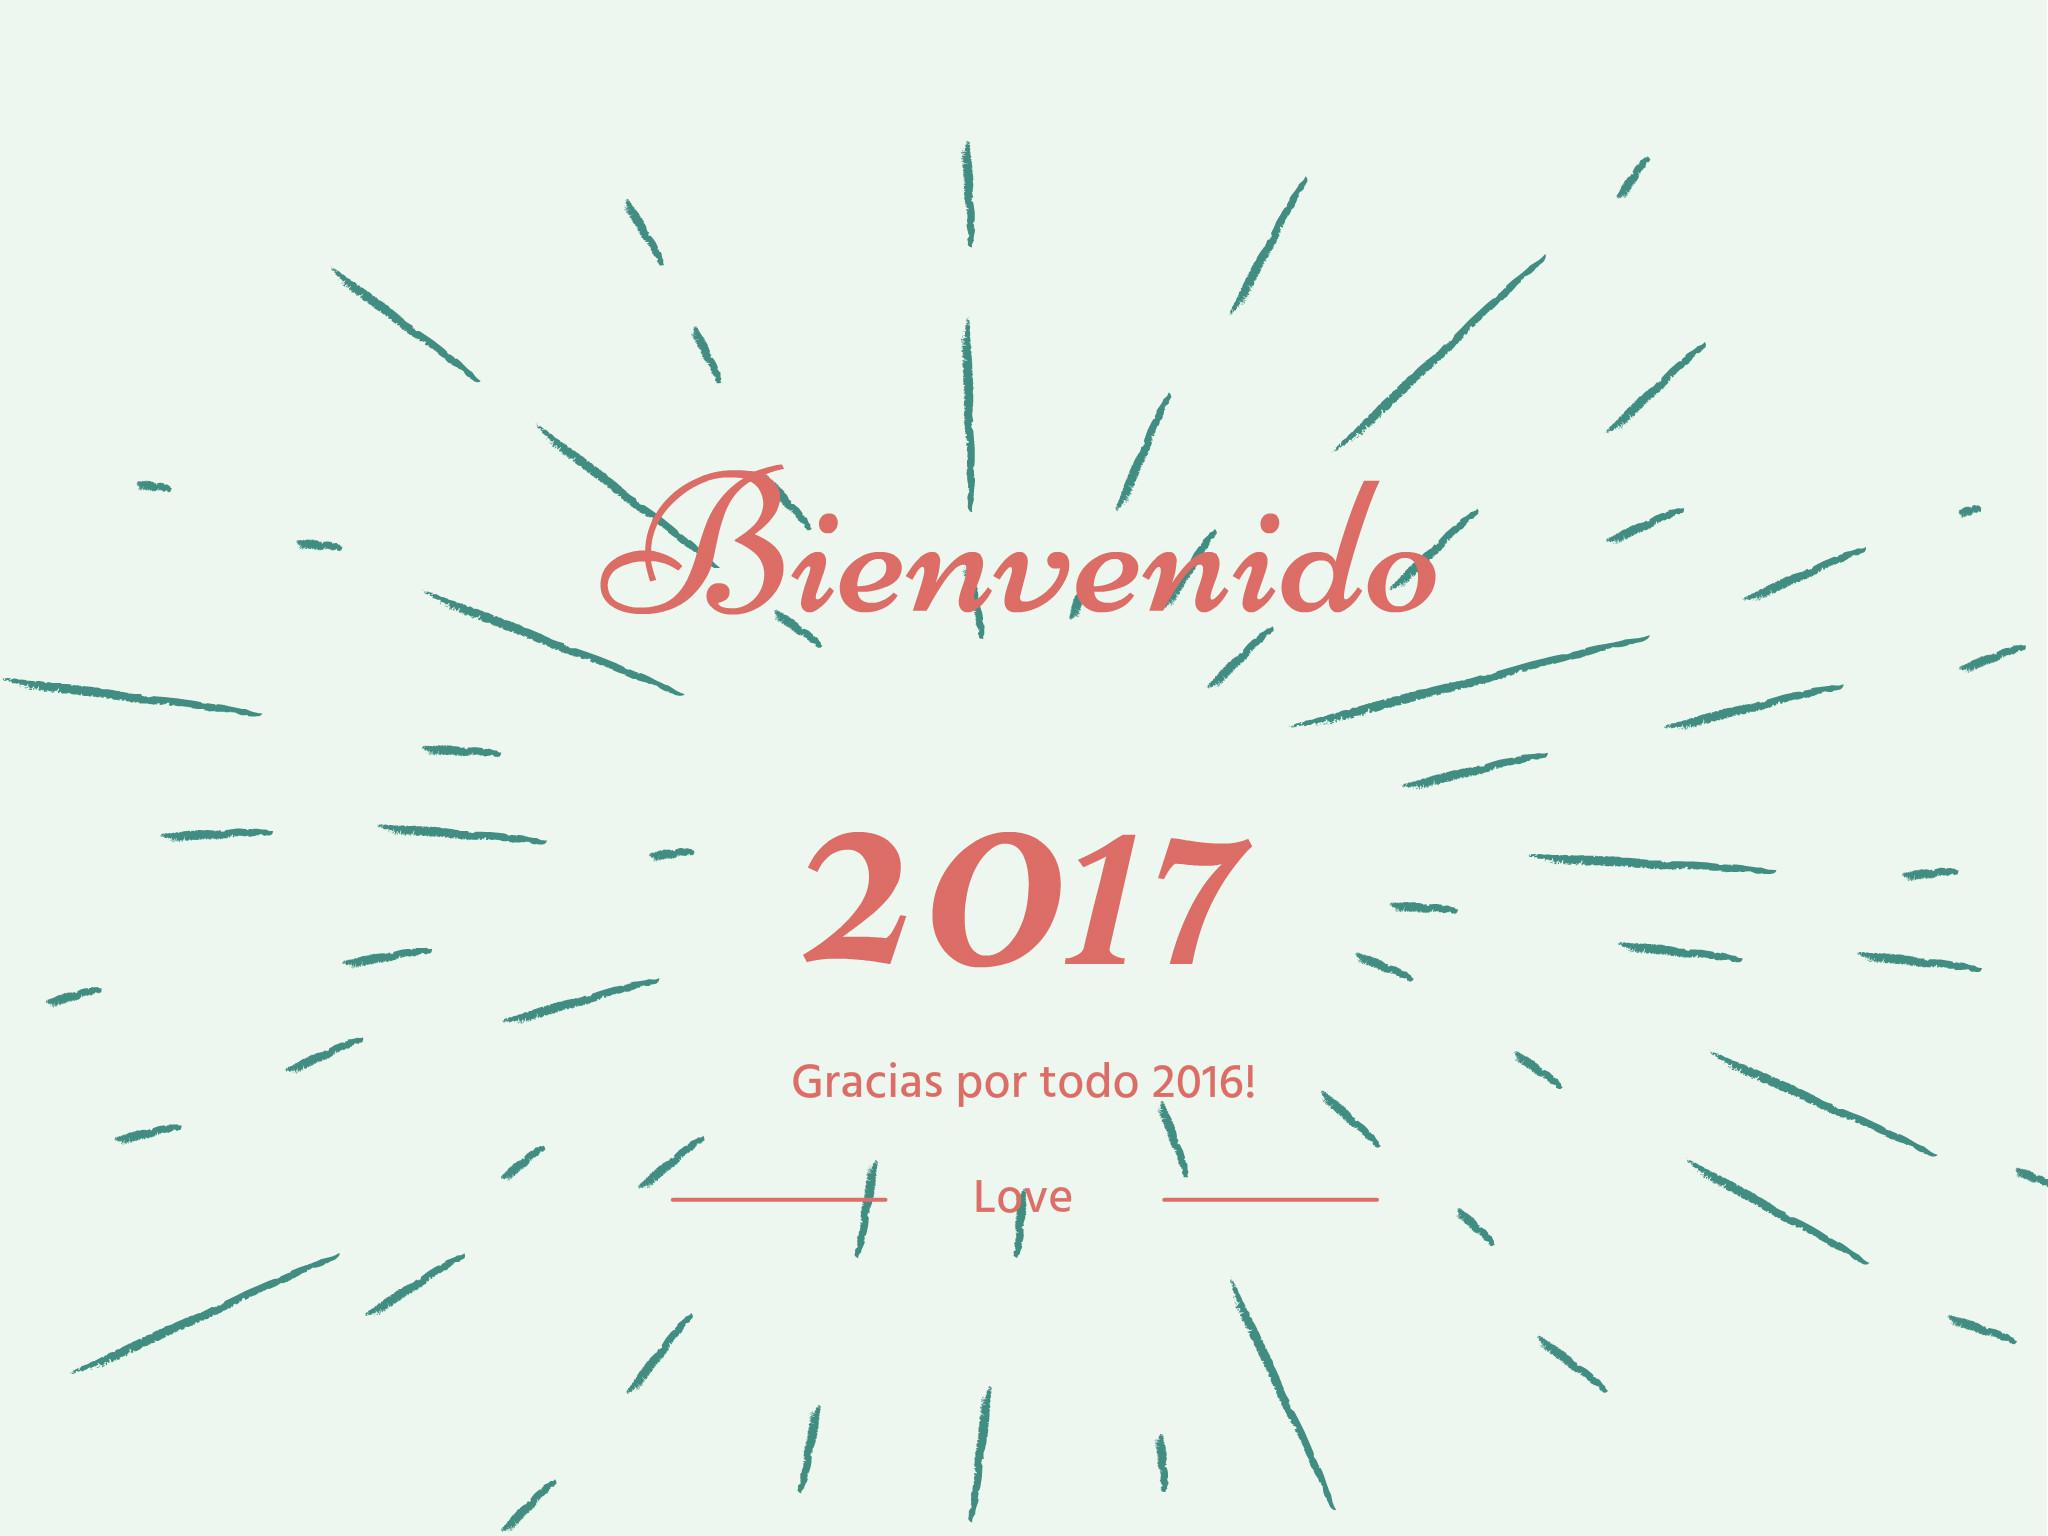 imagenes de año nuevo 2017